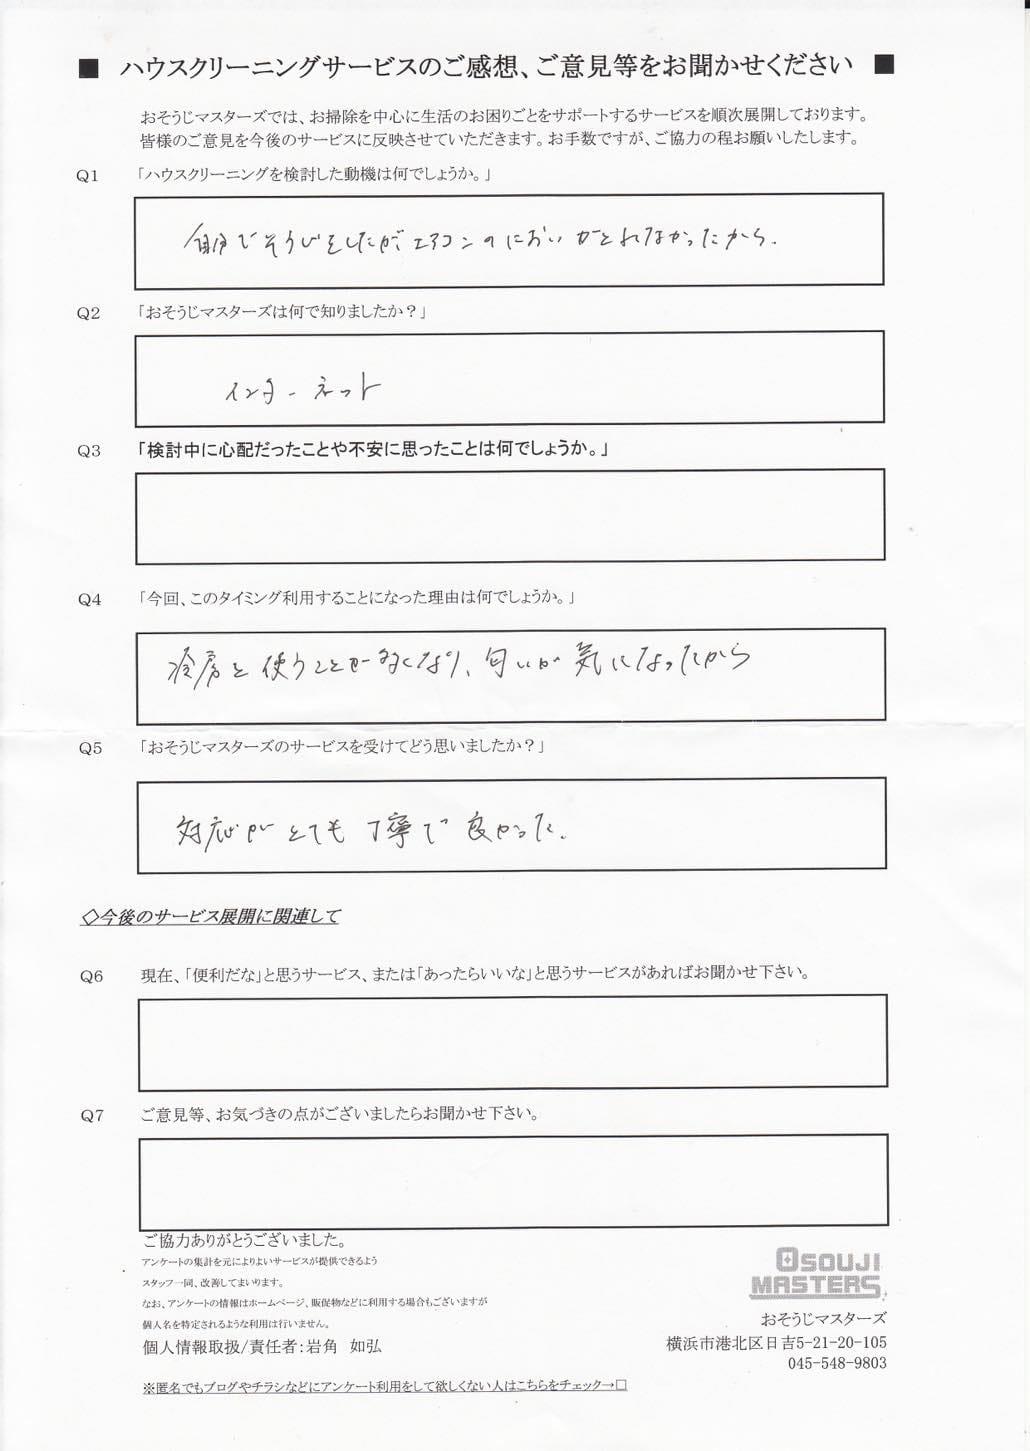 2015/07/25 エアコンクリーニング 横浜市鶴見区